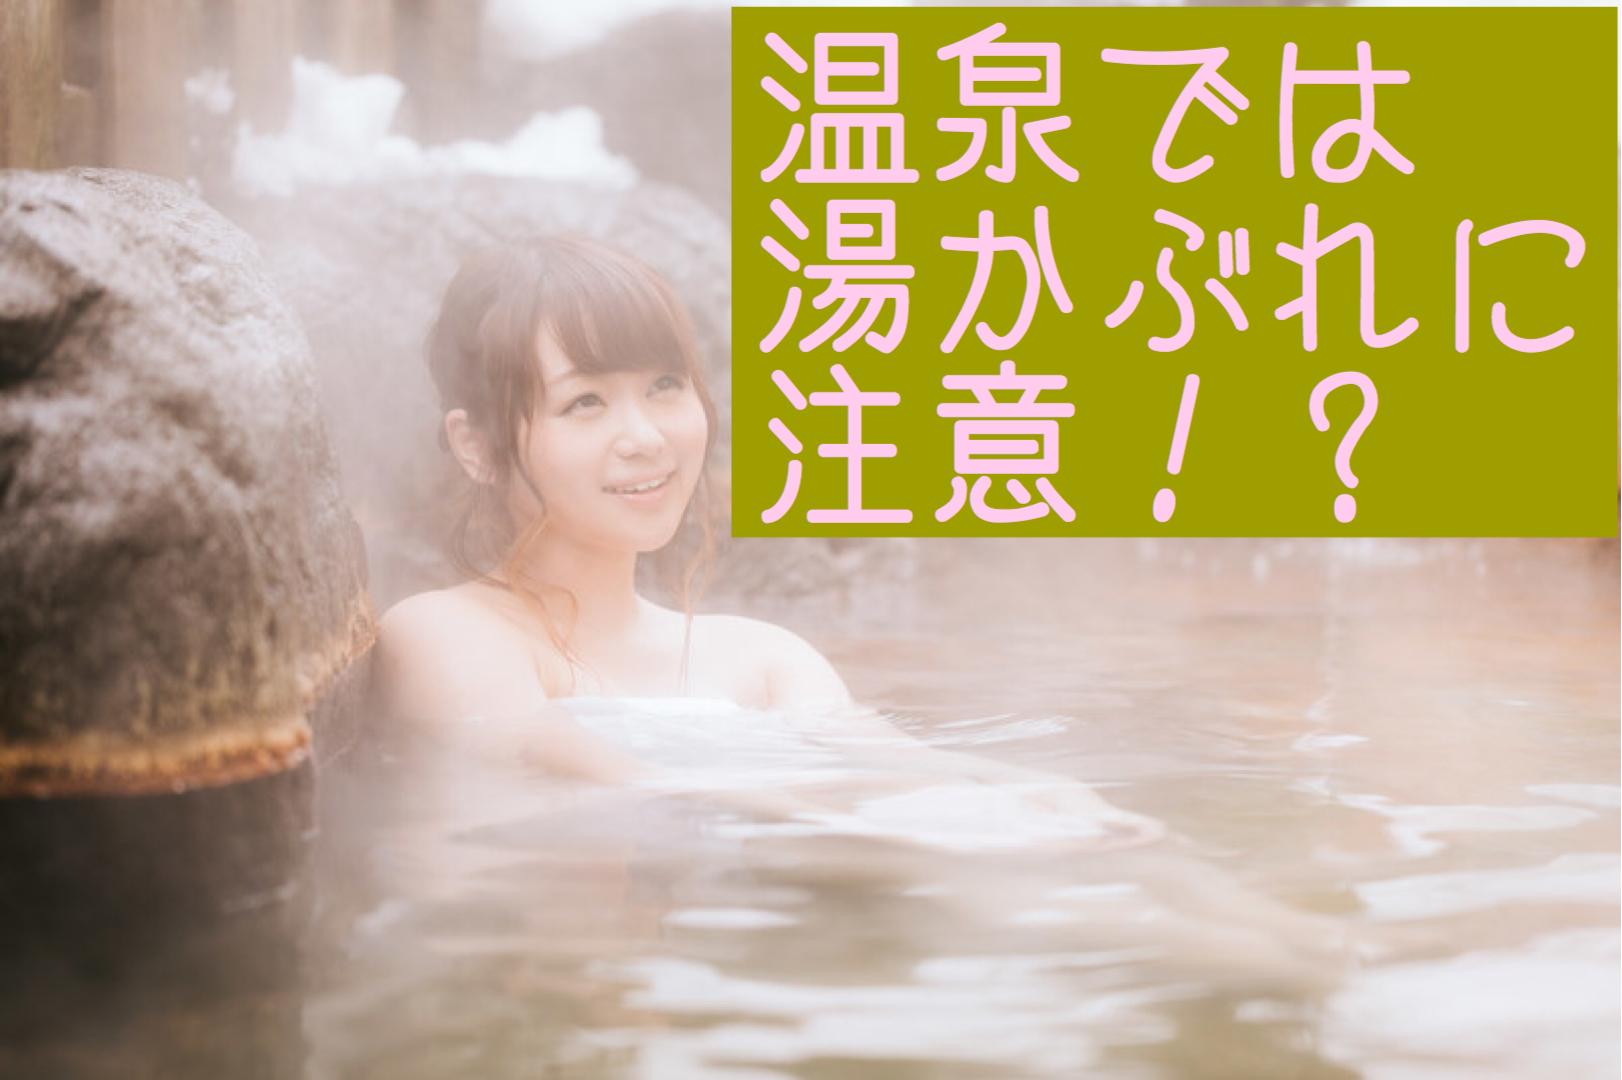 温泉は気を付けて入らないと湯かぶれになって涙目になるよ【体験談】